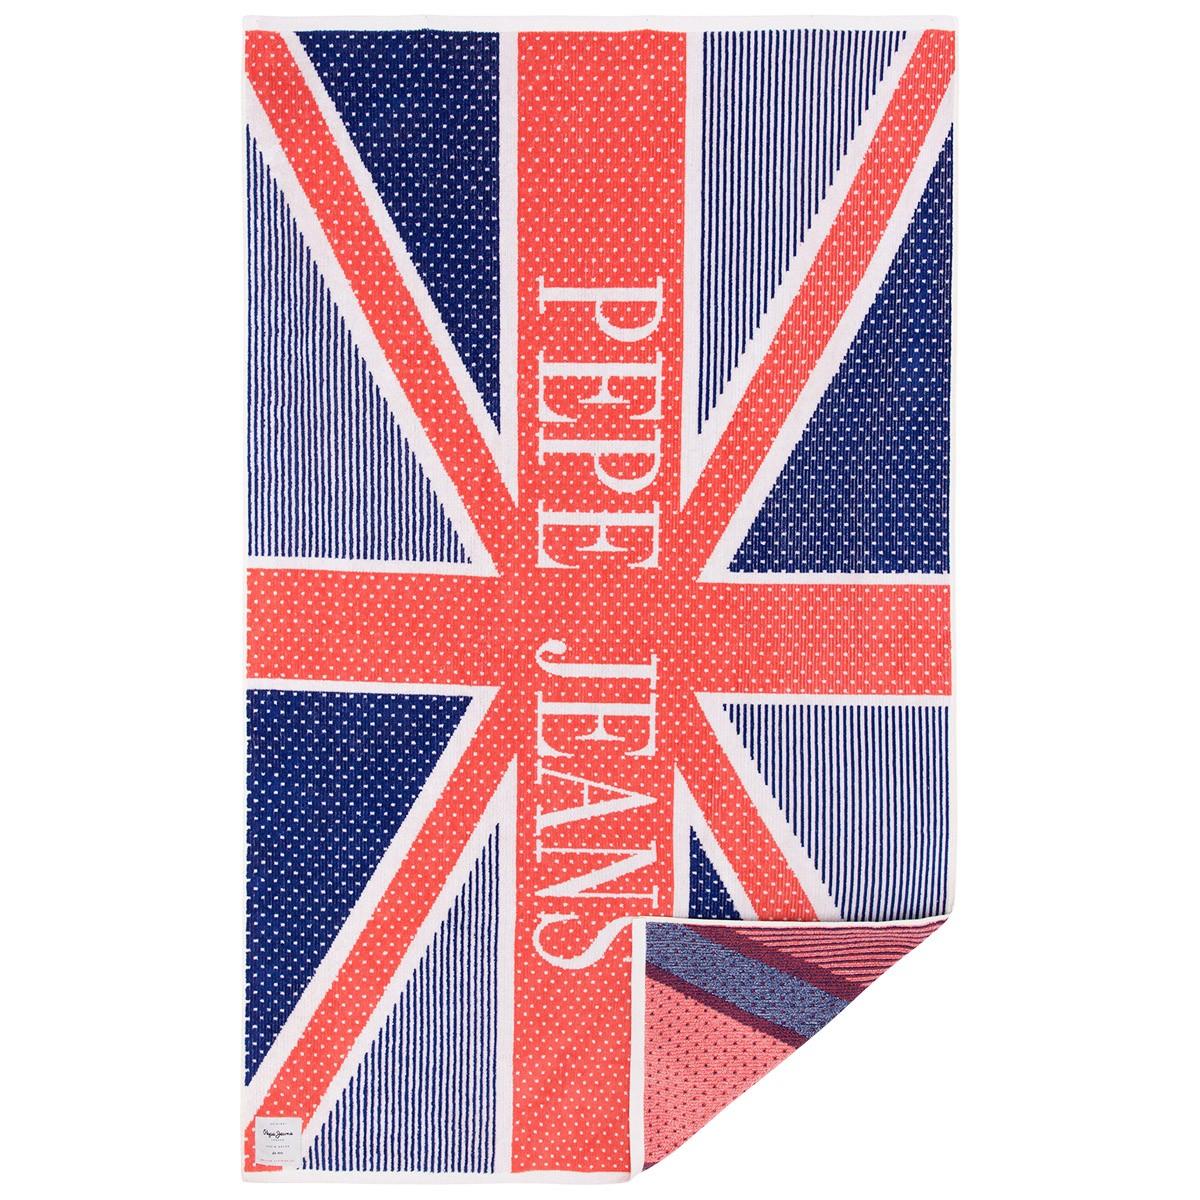 Pepe Jeans Jeannie peškir Spremna za leto: Evo gde možeš da pronađeš baš sve što ti je potrebno!